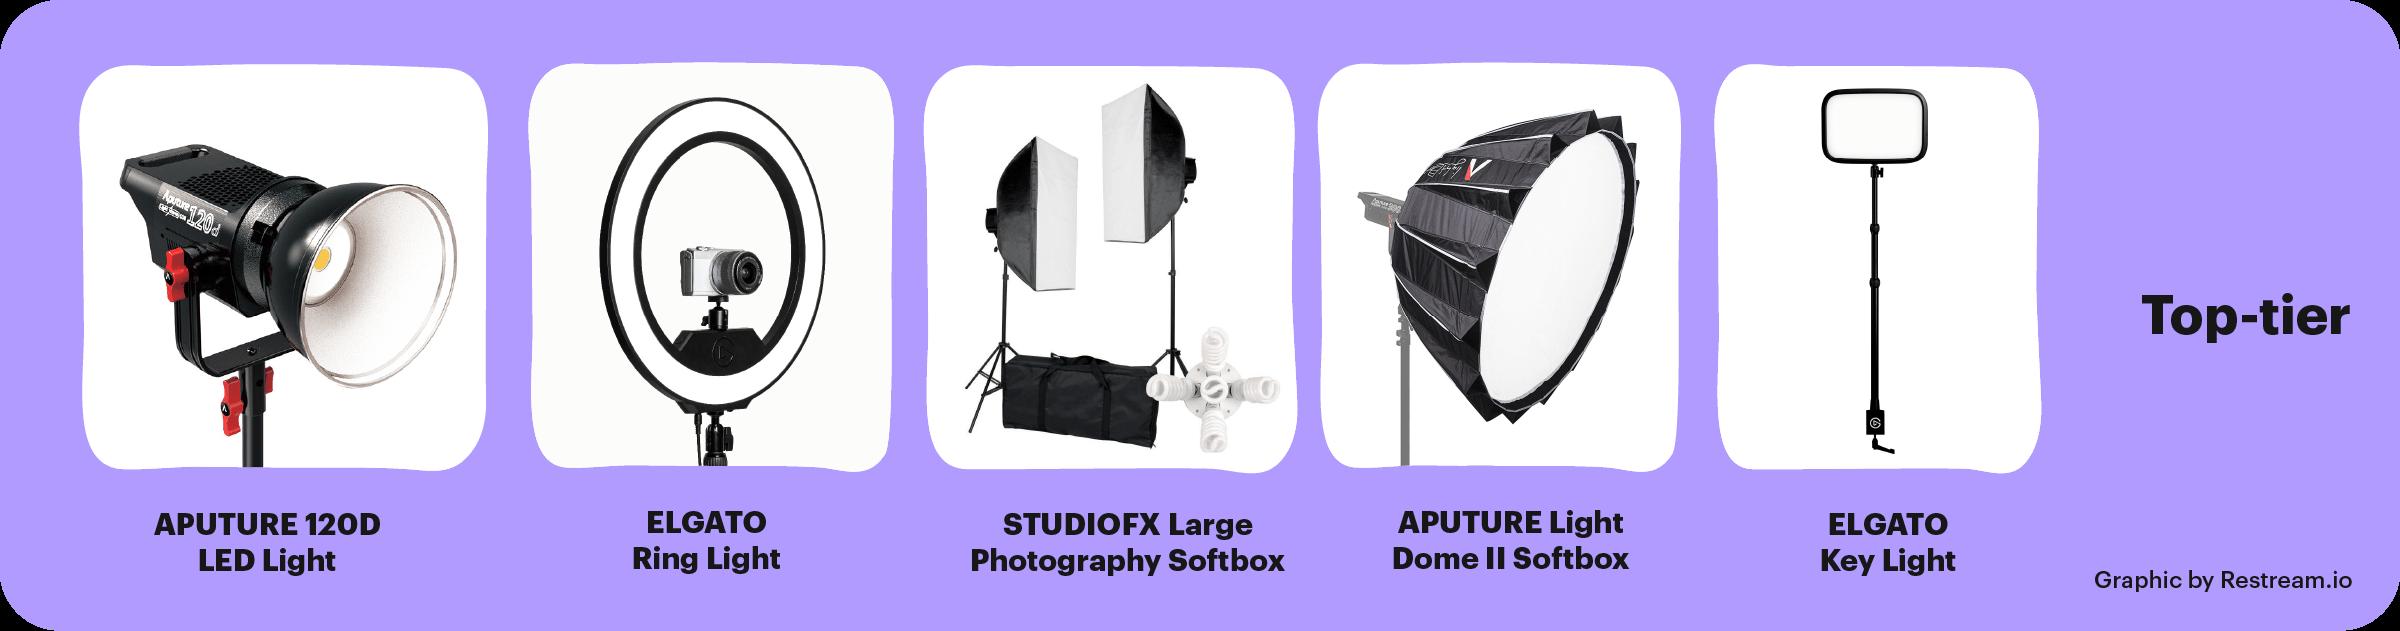 Top-tier video lighting equipment